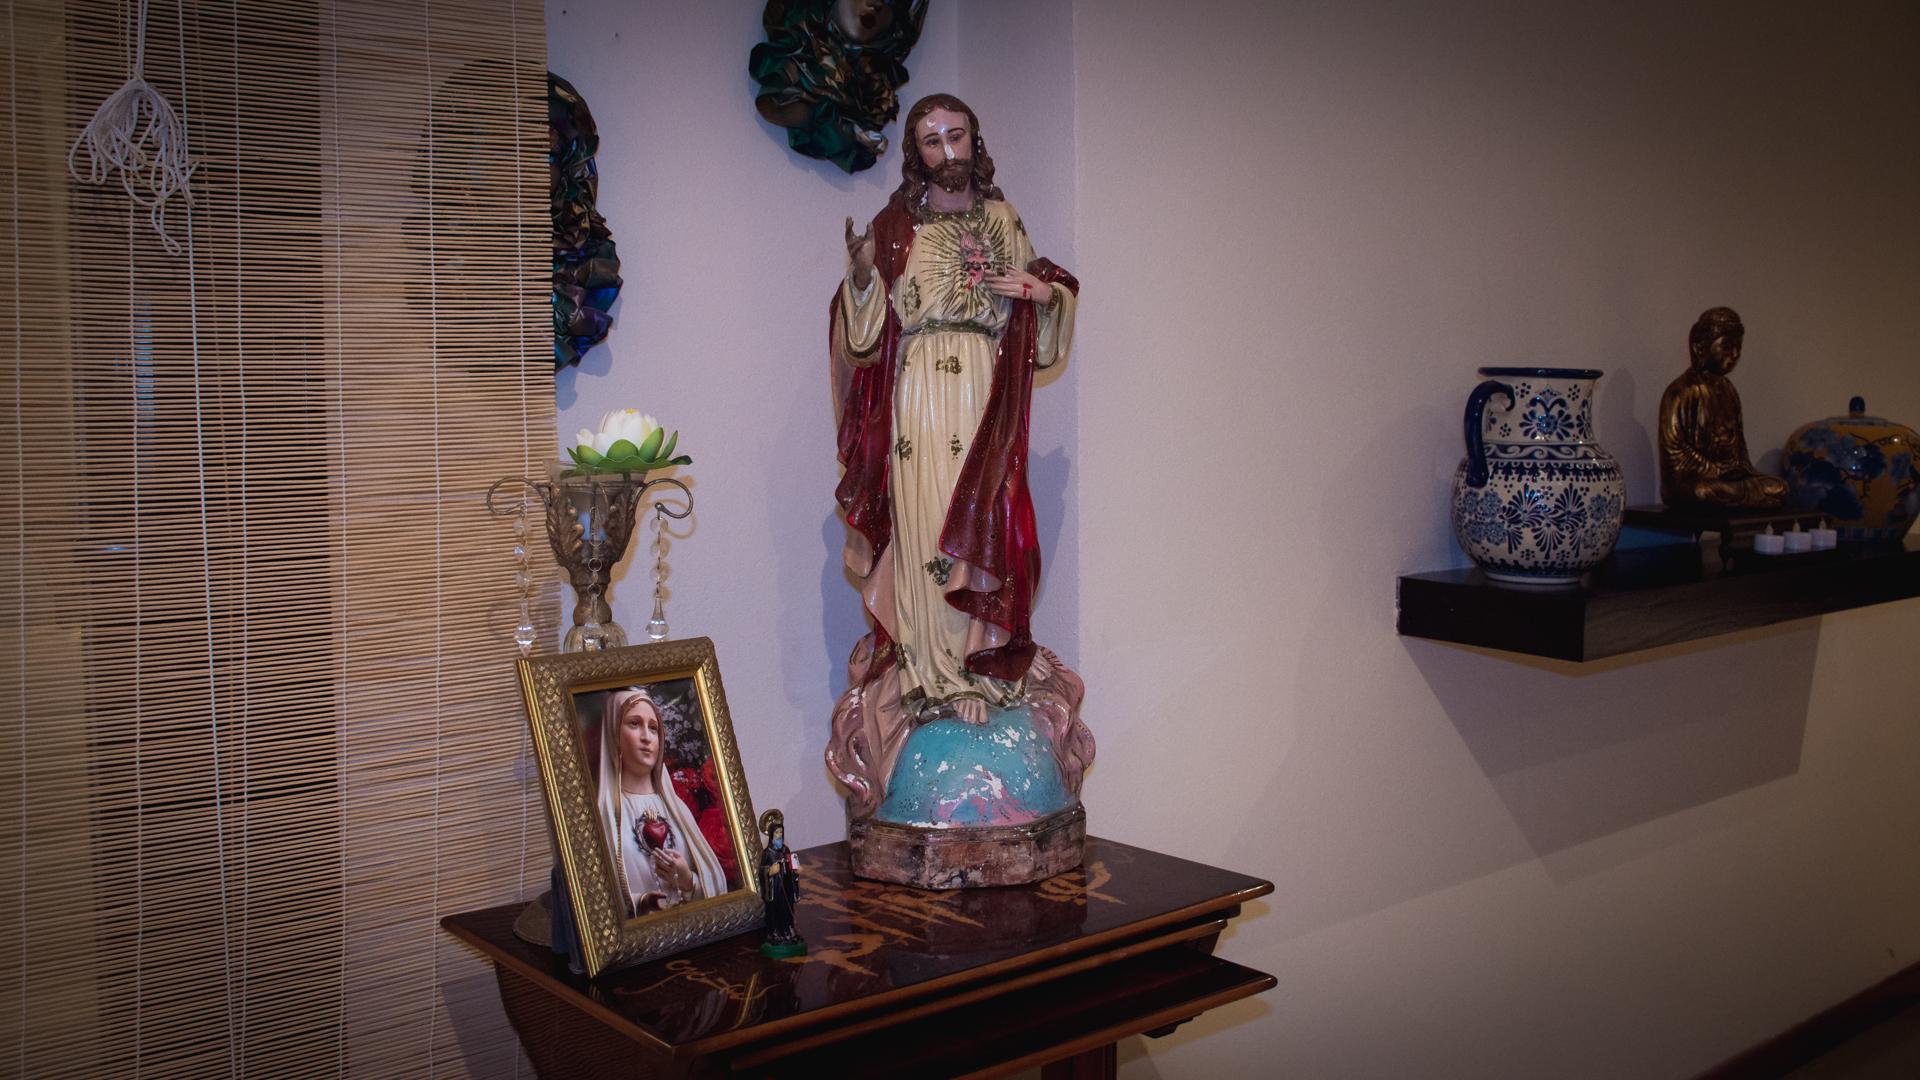 La Virgen, Jesús y Buda en la casa de Lilita (Foto: Martín Rosenzveig)